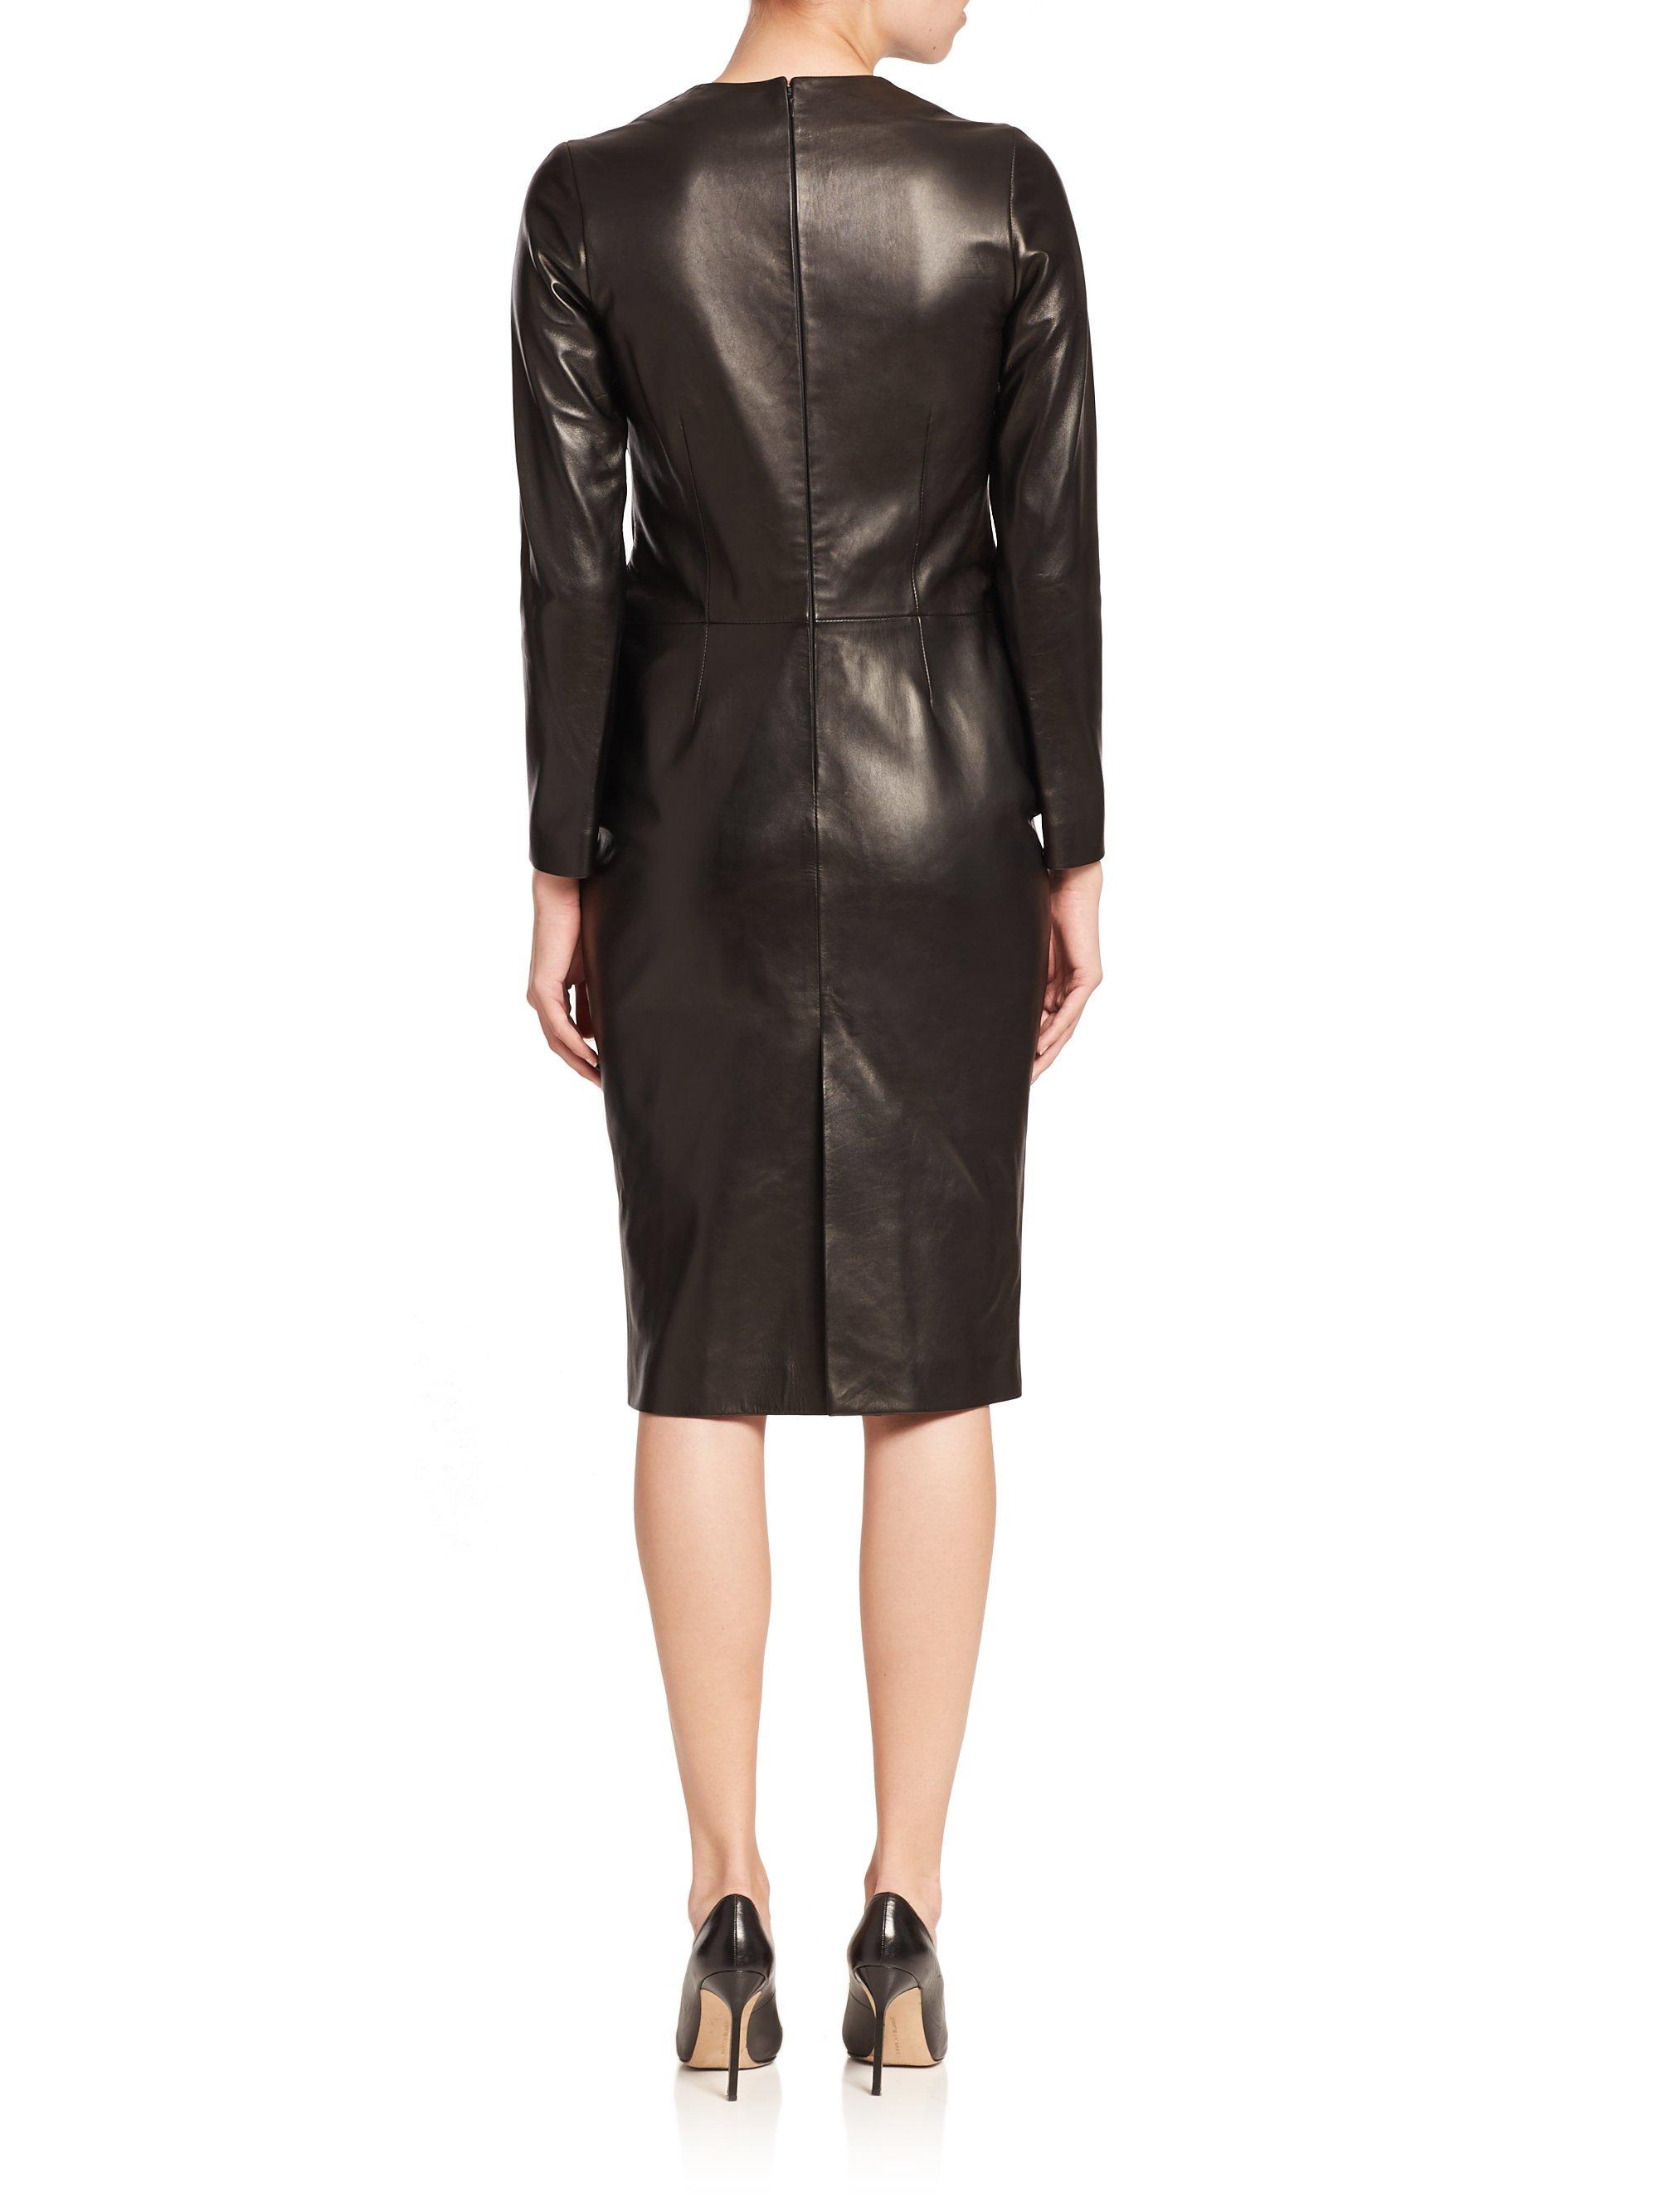 La prestic ouiston Parfaite Long-sleeve Leather Dress in Black - Lyst